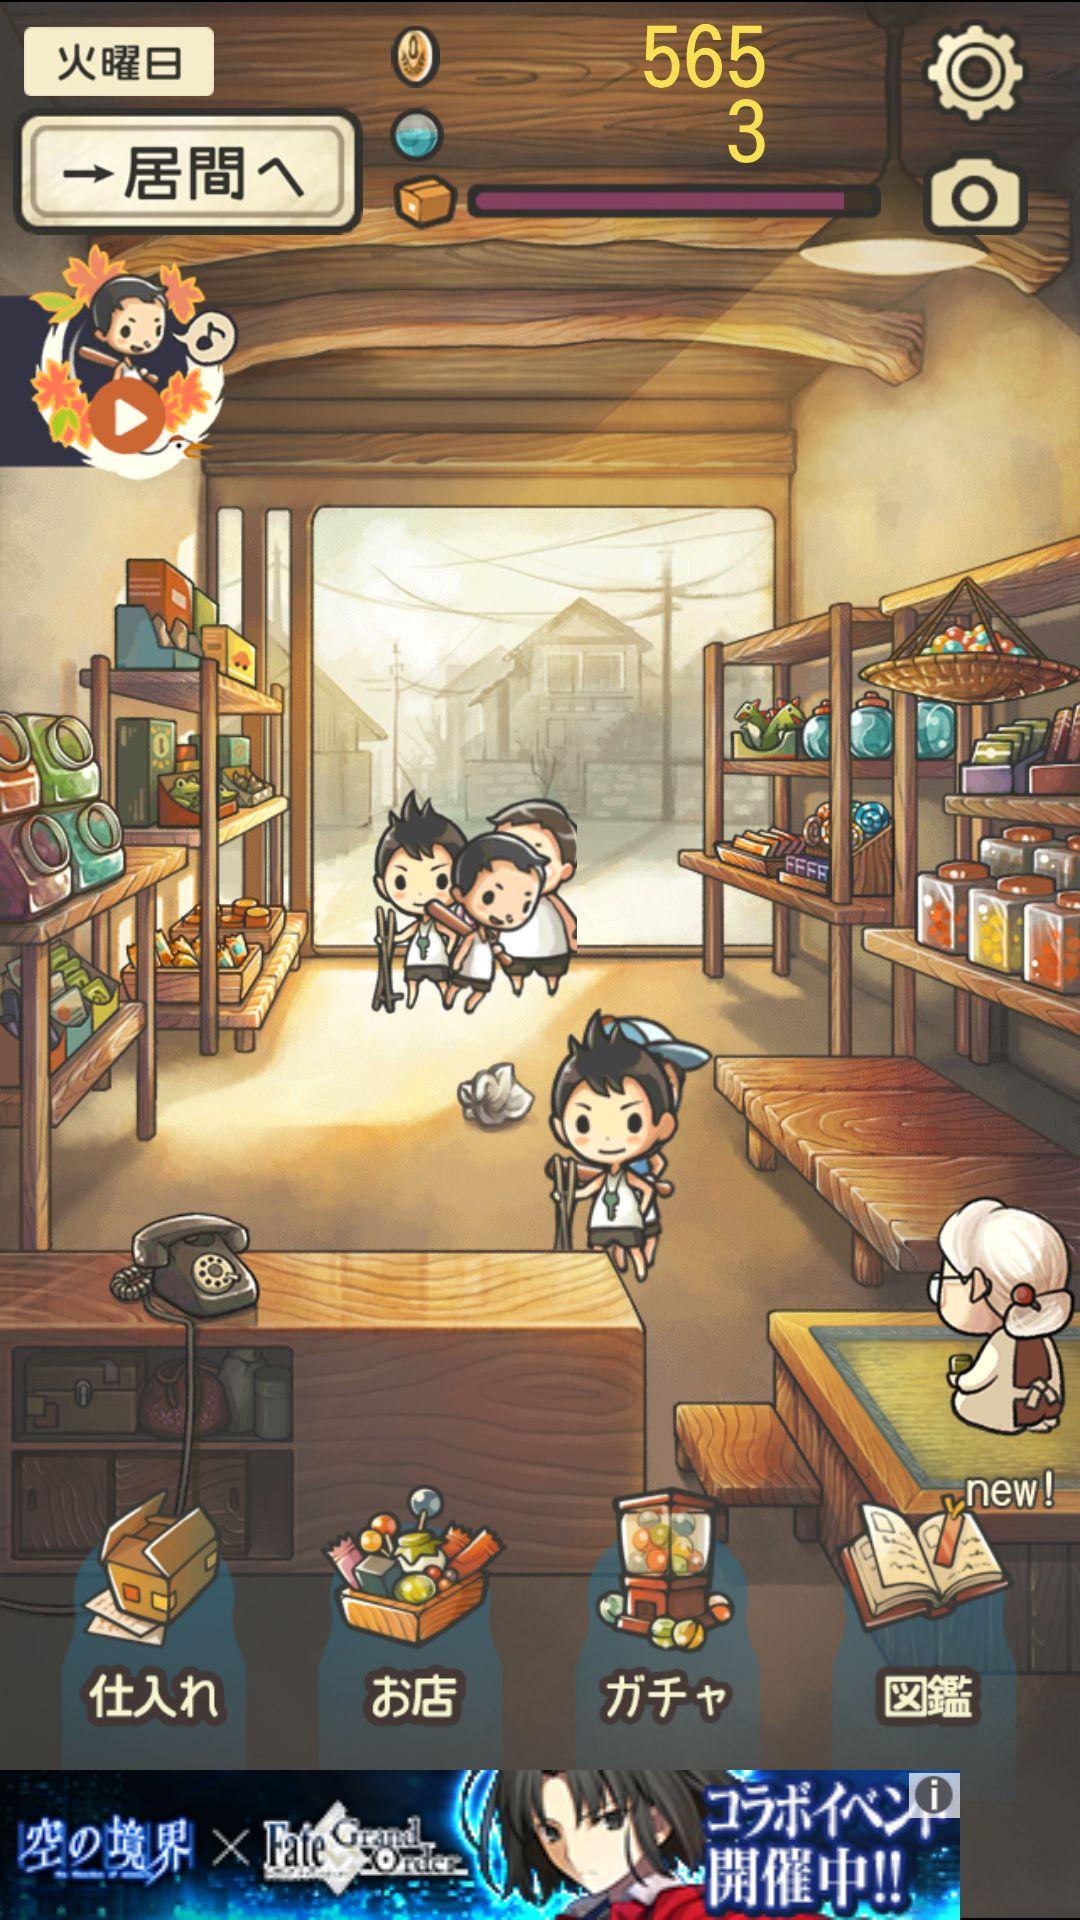 昭和の家族の物語にちょっと涙!手軽さと懐かしさが魅力の駄菓子屋シミュレーション